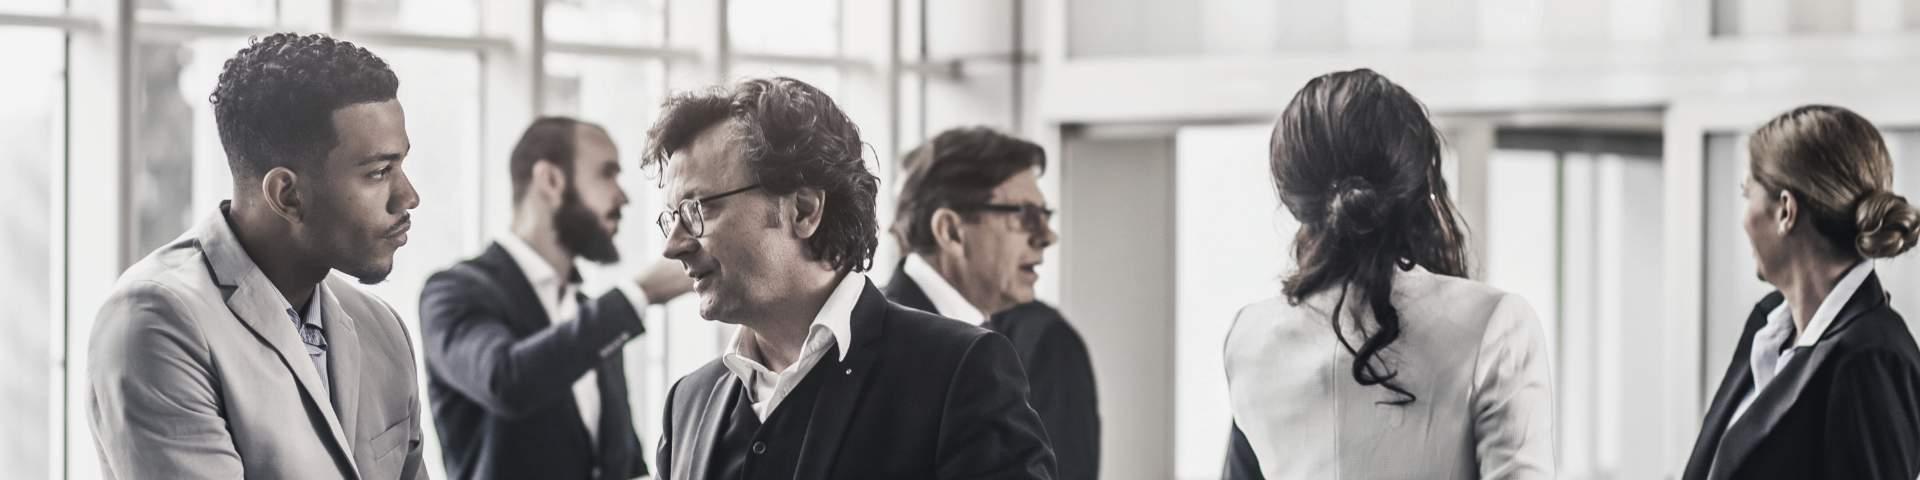 Deutsche Pfandbriefbank Hauptversammlung 2021